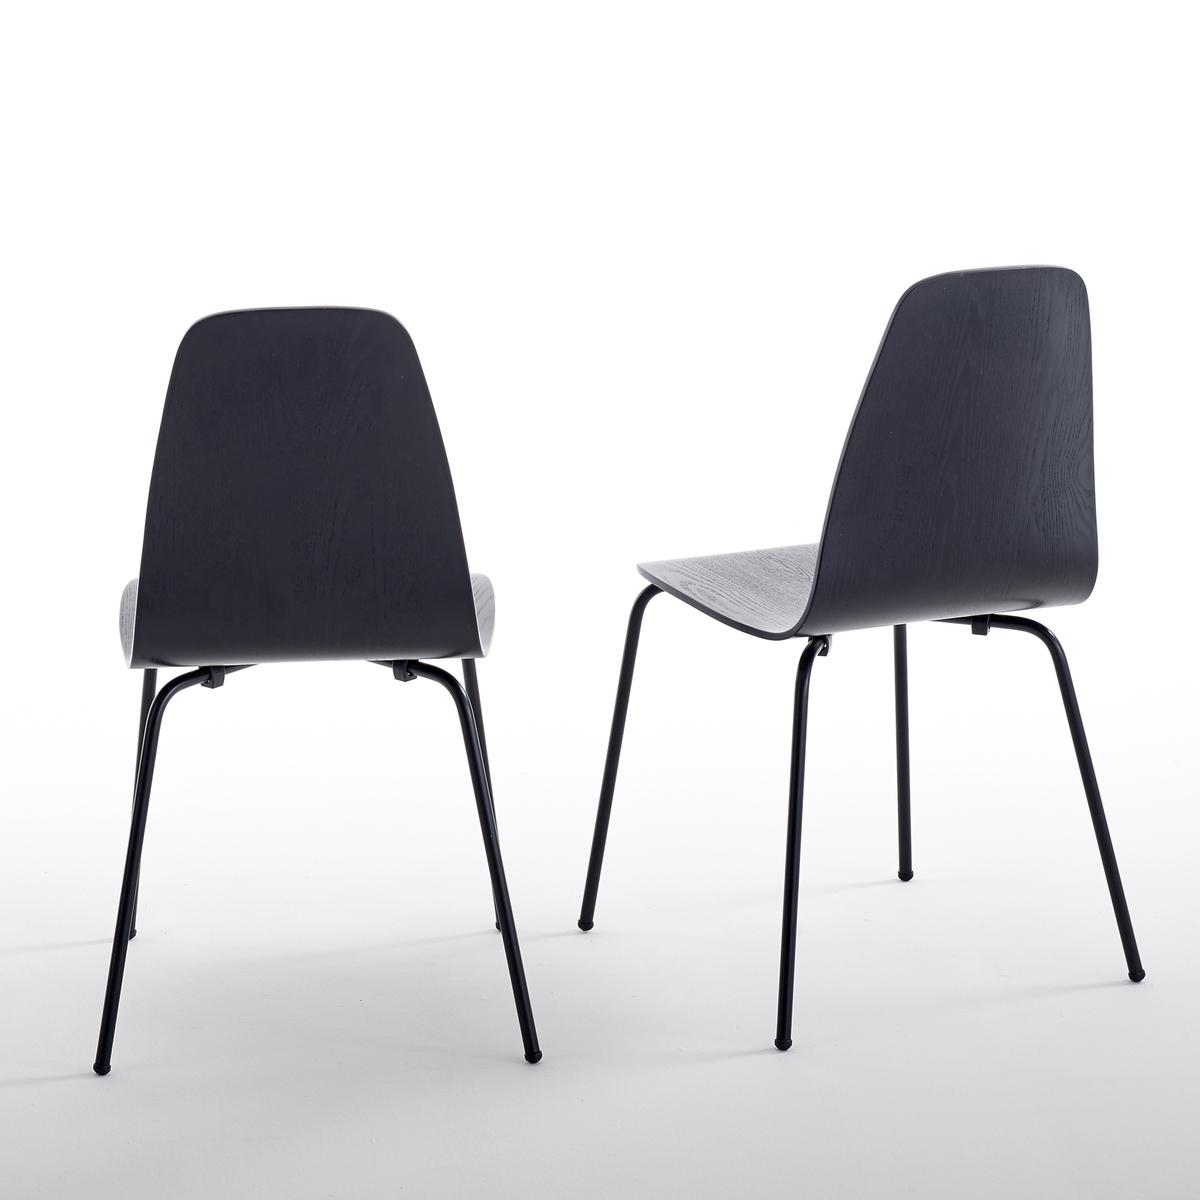 Комплект из 2 стульев в винтажном стиле, Biface2 стула Biface : винтажный стиль, который понравится в столовой, комнате или на кухне.Для существенной экономии пространства стулья Biface можно укладывать в штабель. Характеристики стульев Biface :Сиденье из многослойной гевеи, покрытой шпоном ясеня и нитролаком черного цвета : слегка заметные прожилки дерева.Ножки из металлической трубы, покрытой эпоксидной краской и лаком черного цвета. Откройте для себя всю коллекцию Biface на сайте laredoute.ru.Размеры стульев Biface :Общие :Ширина : 40 смВысота : 83 смГлубина : 42 смСиденье :Высота 45 смРазмеры и вес упаковки :1 упаковкаШир. 68 x Выс. 30 x Гл. 44 см10 кг:. !! .<br><br>Цвет: черный<br>Размер: единый размер